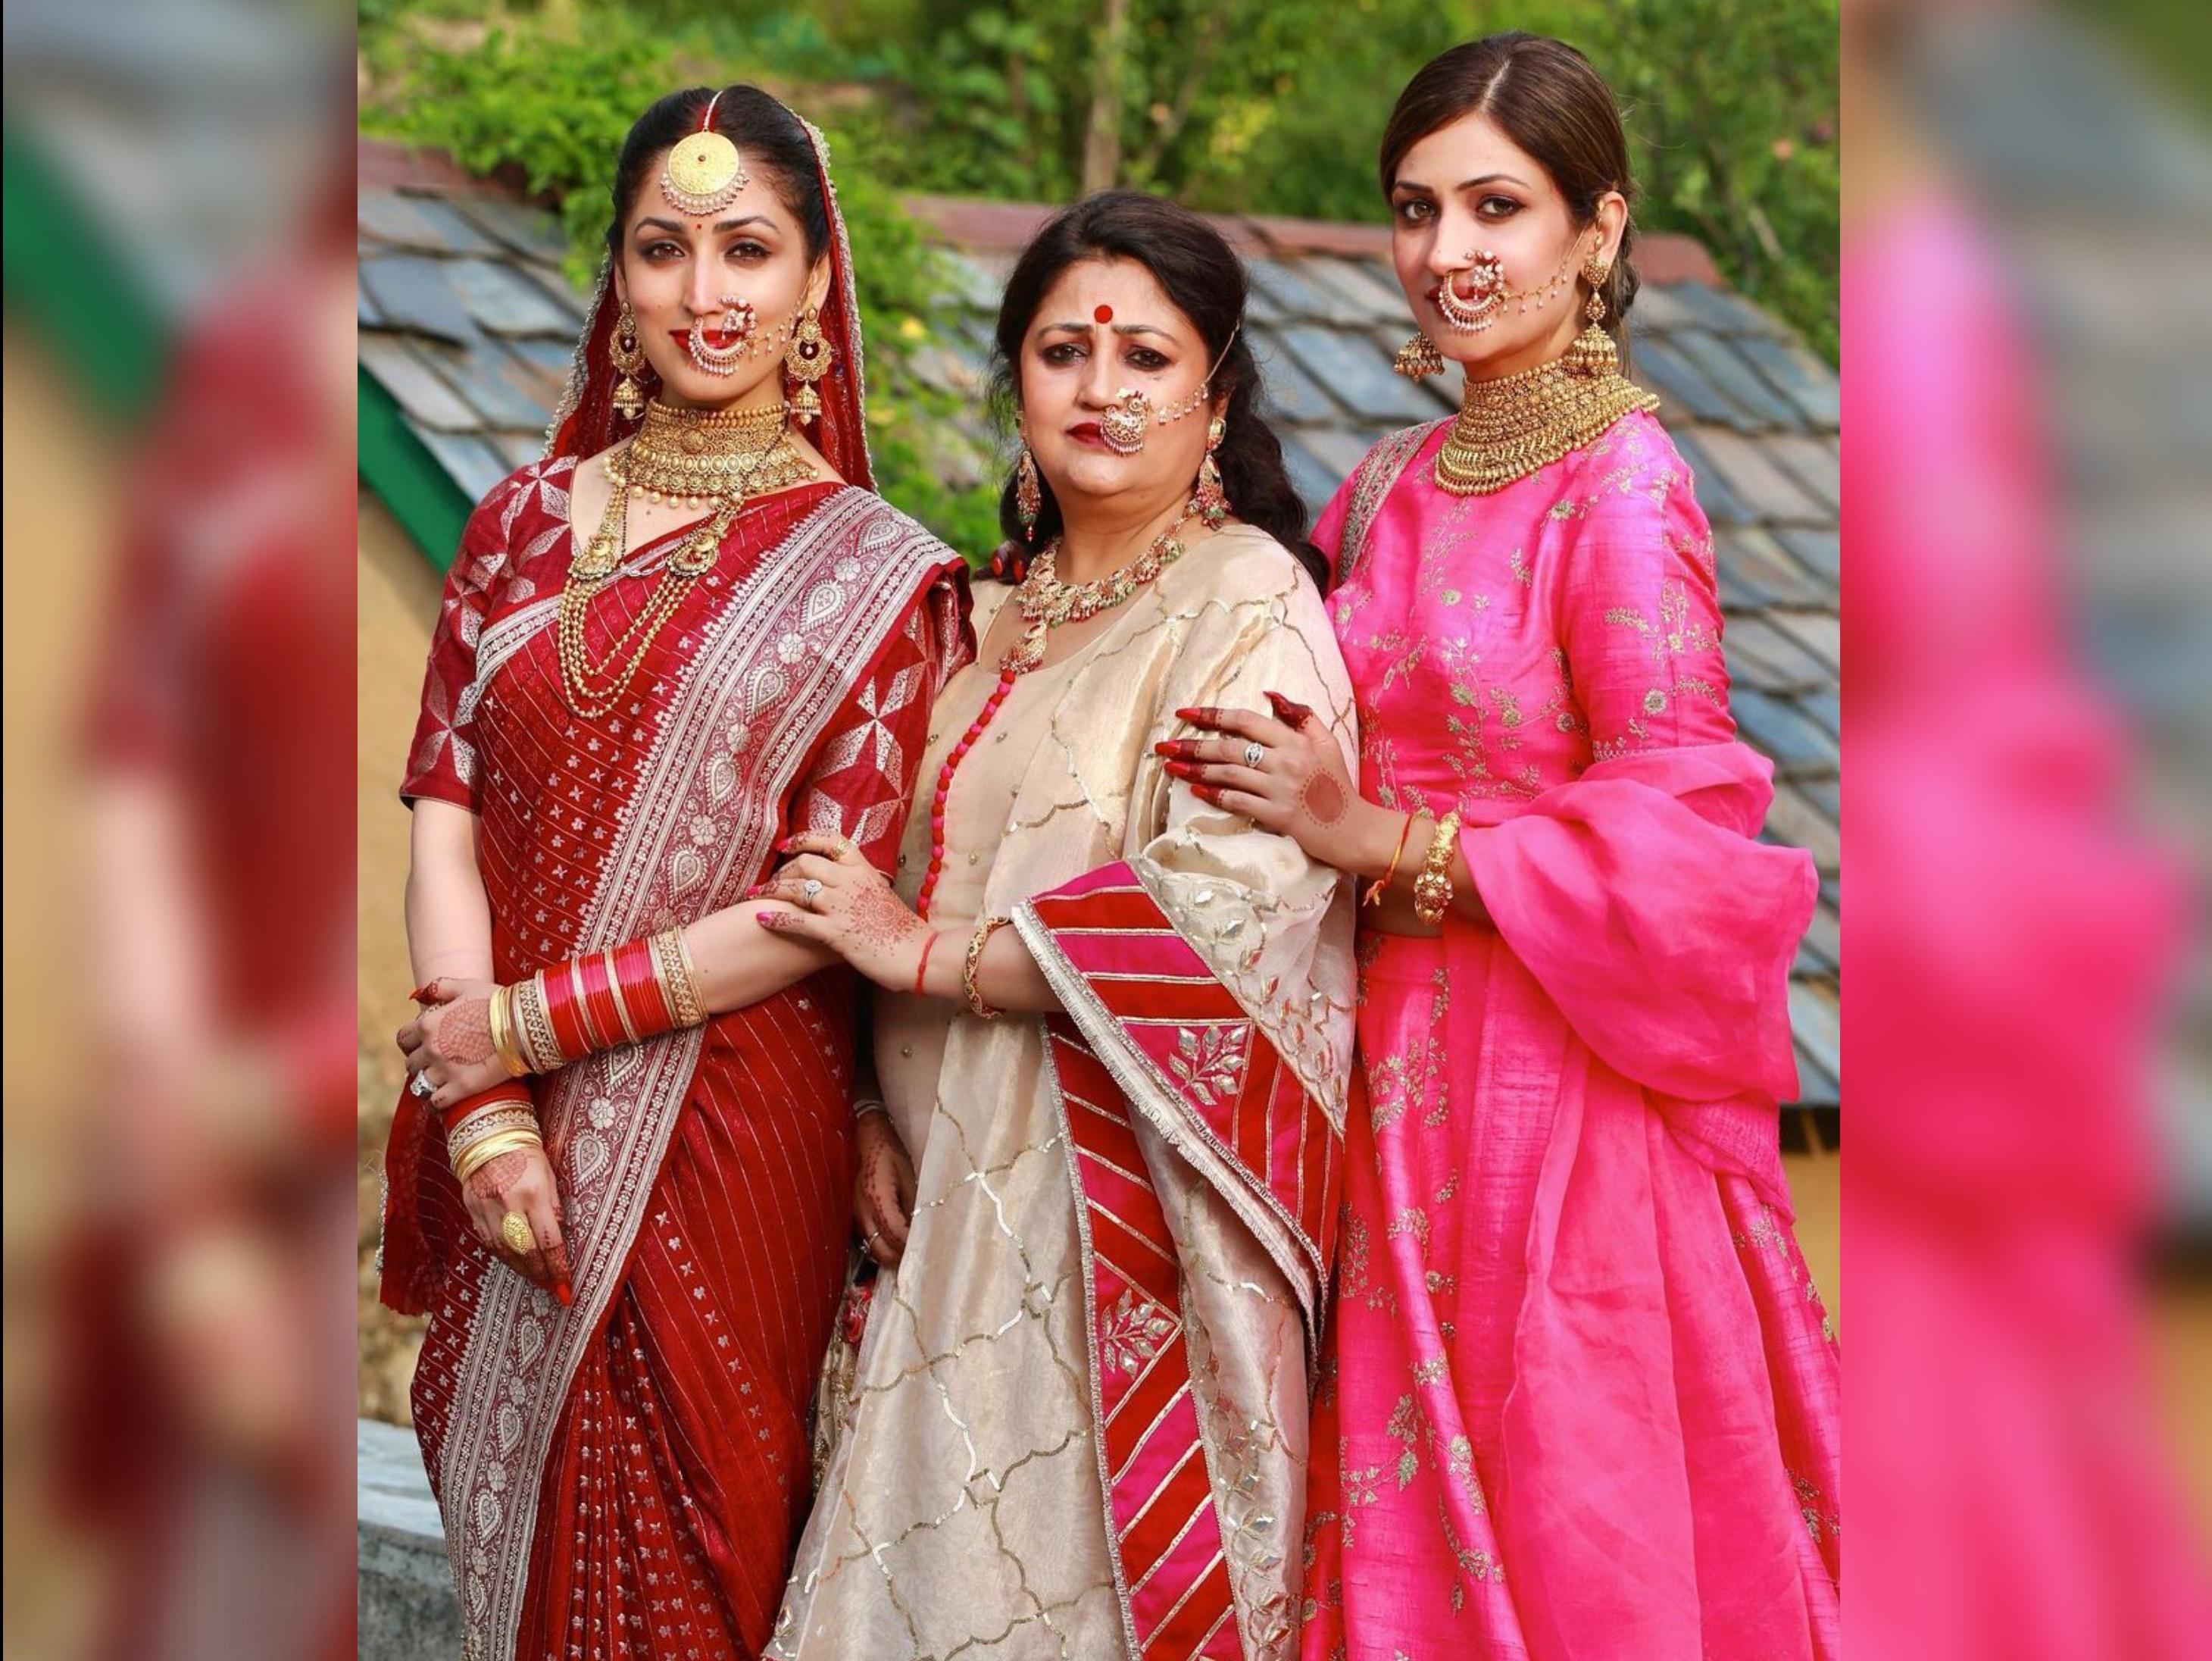 Yami Gautam bridal attire included her mother's 33 year old saree | यामी ने मां अंजलि की 33 साल पुरानी सिल्क साड़ी पहनकर लिए फेरे, नानी की दी हुई चुनरी से कम्पलीट किया लुक